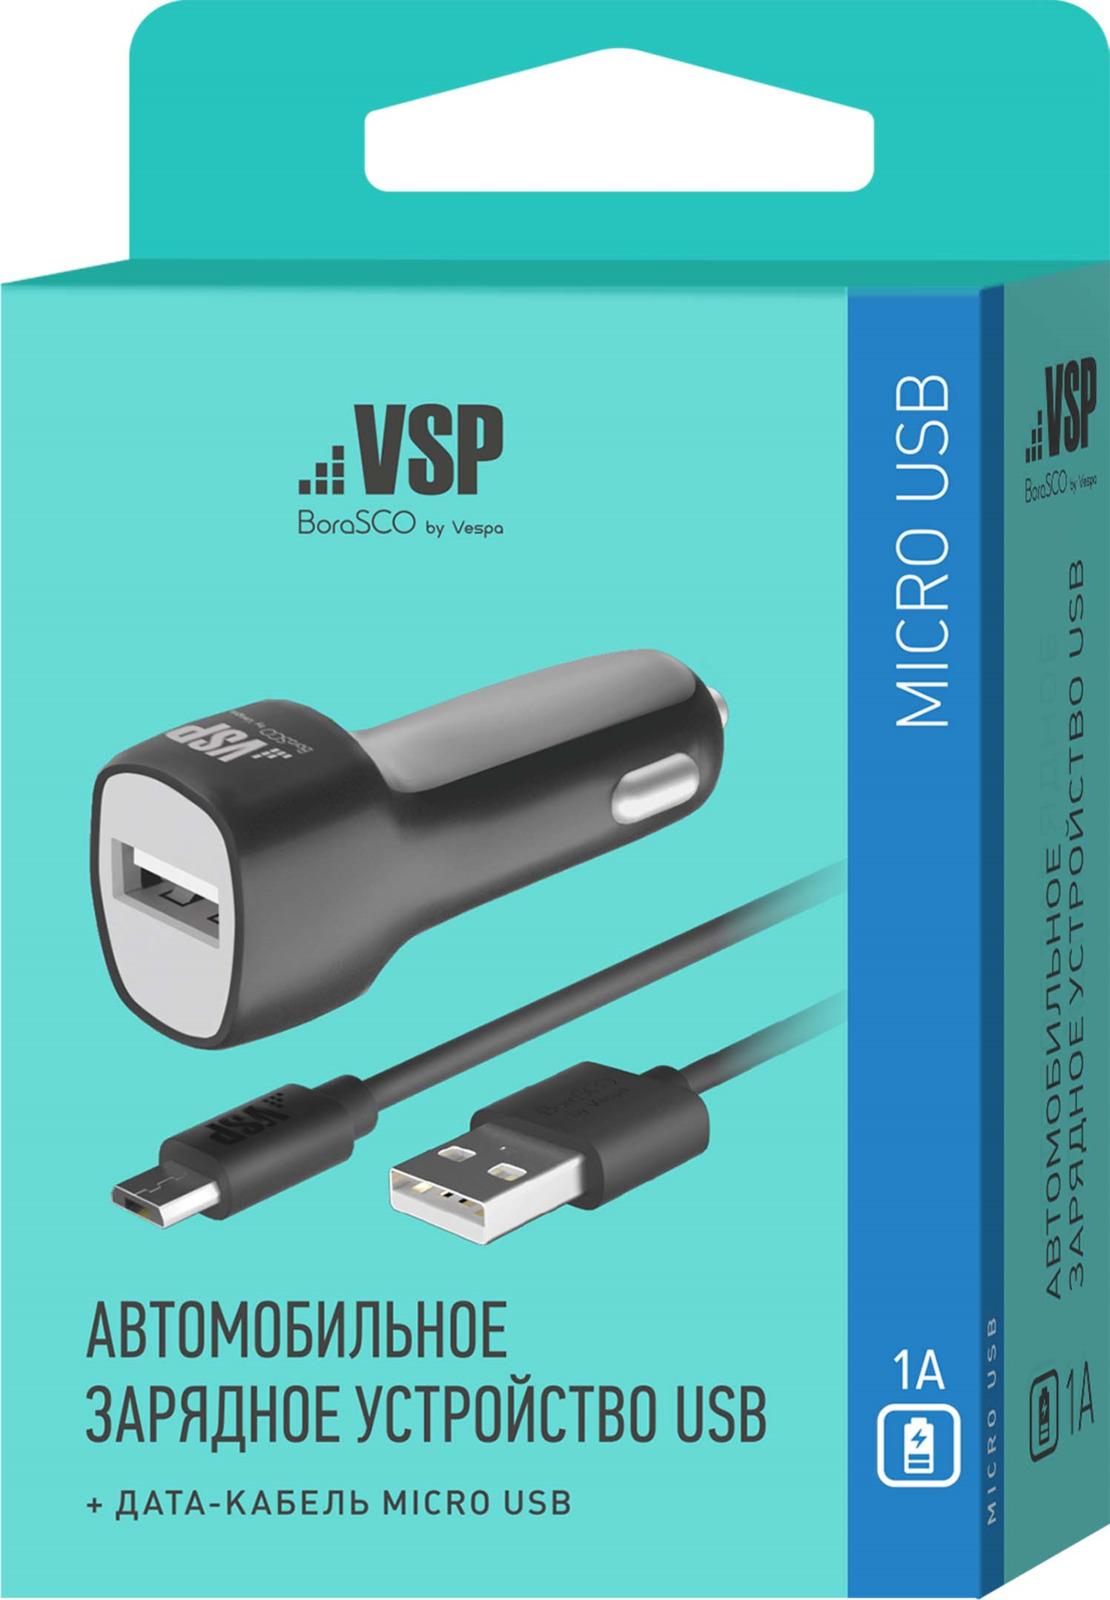 Автомобильное зарядное устройство Borasco by Vespa, 1 USB, 1 A + дата-кабель micro USB, 1 м, 22031, черный жоффруа де виллардуэн история завоевания константинополя